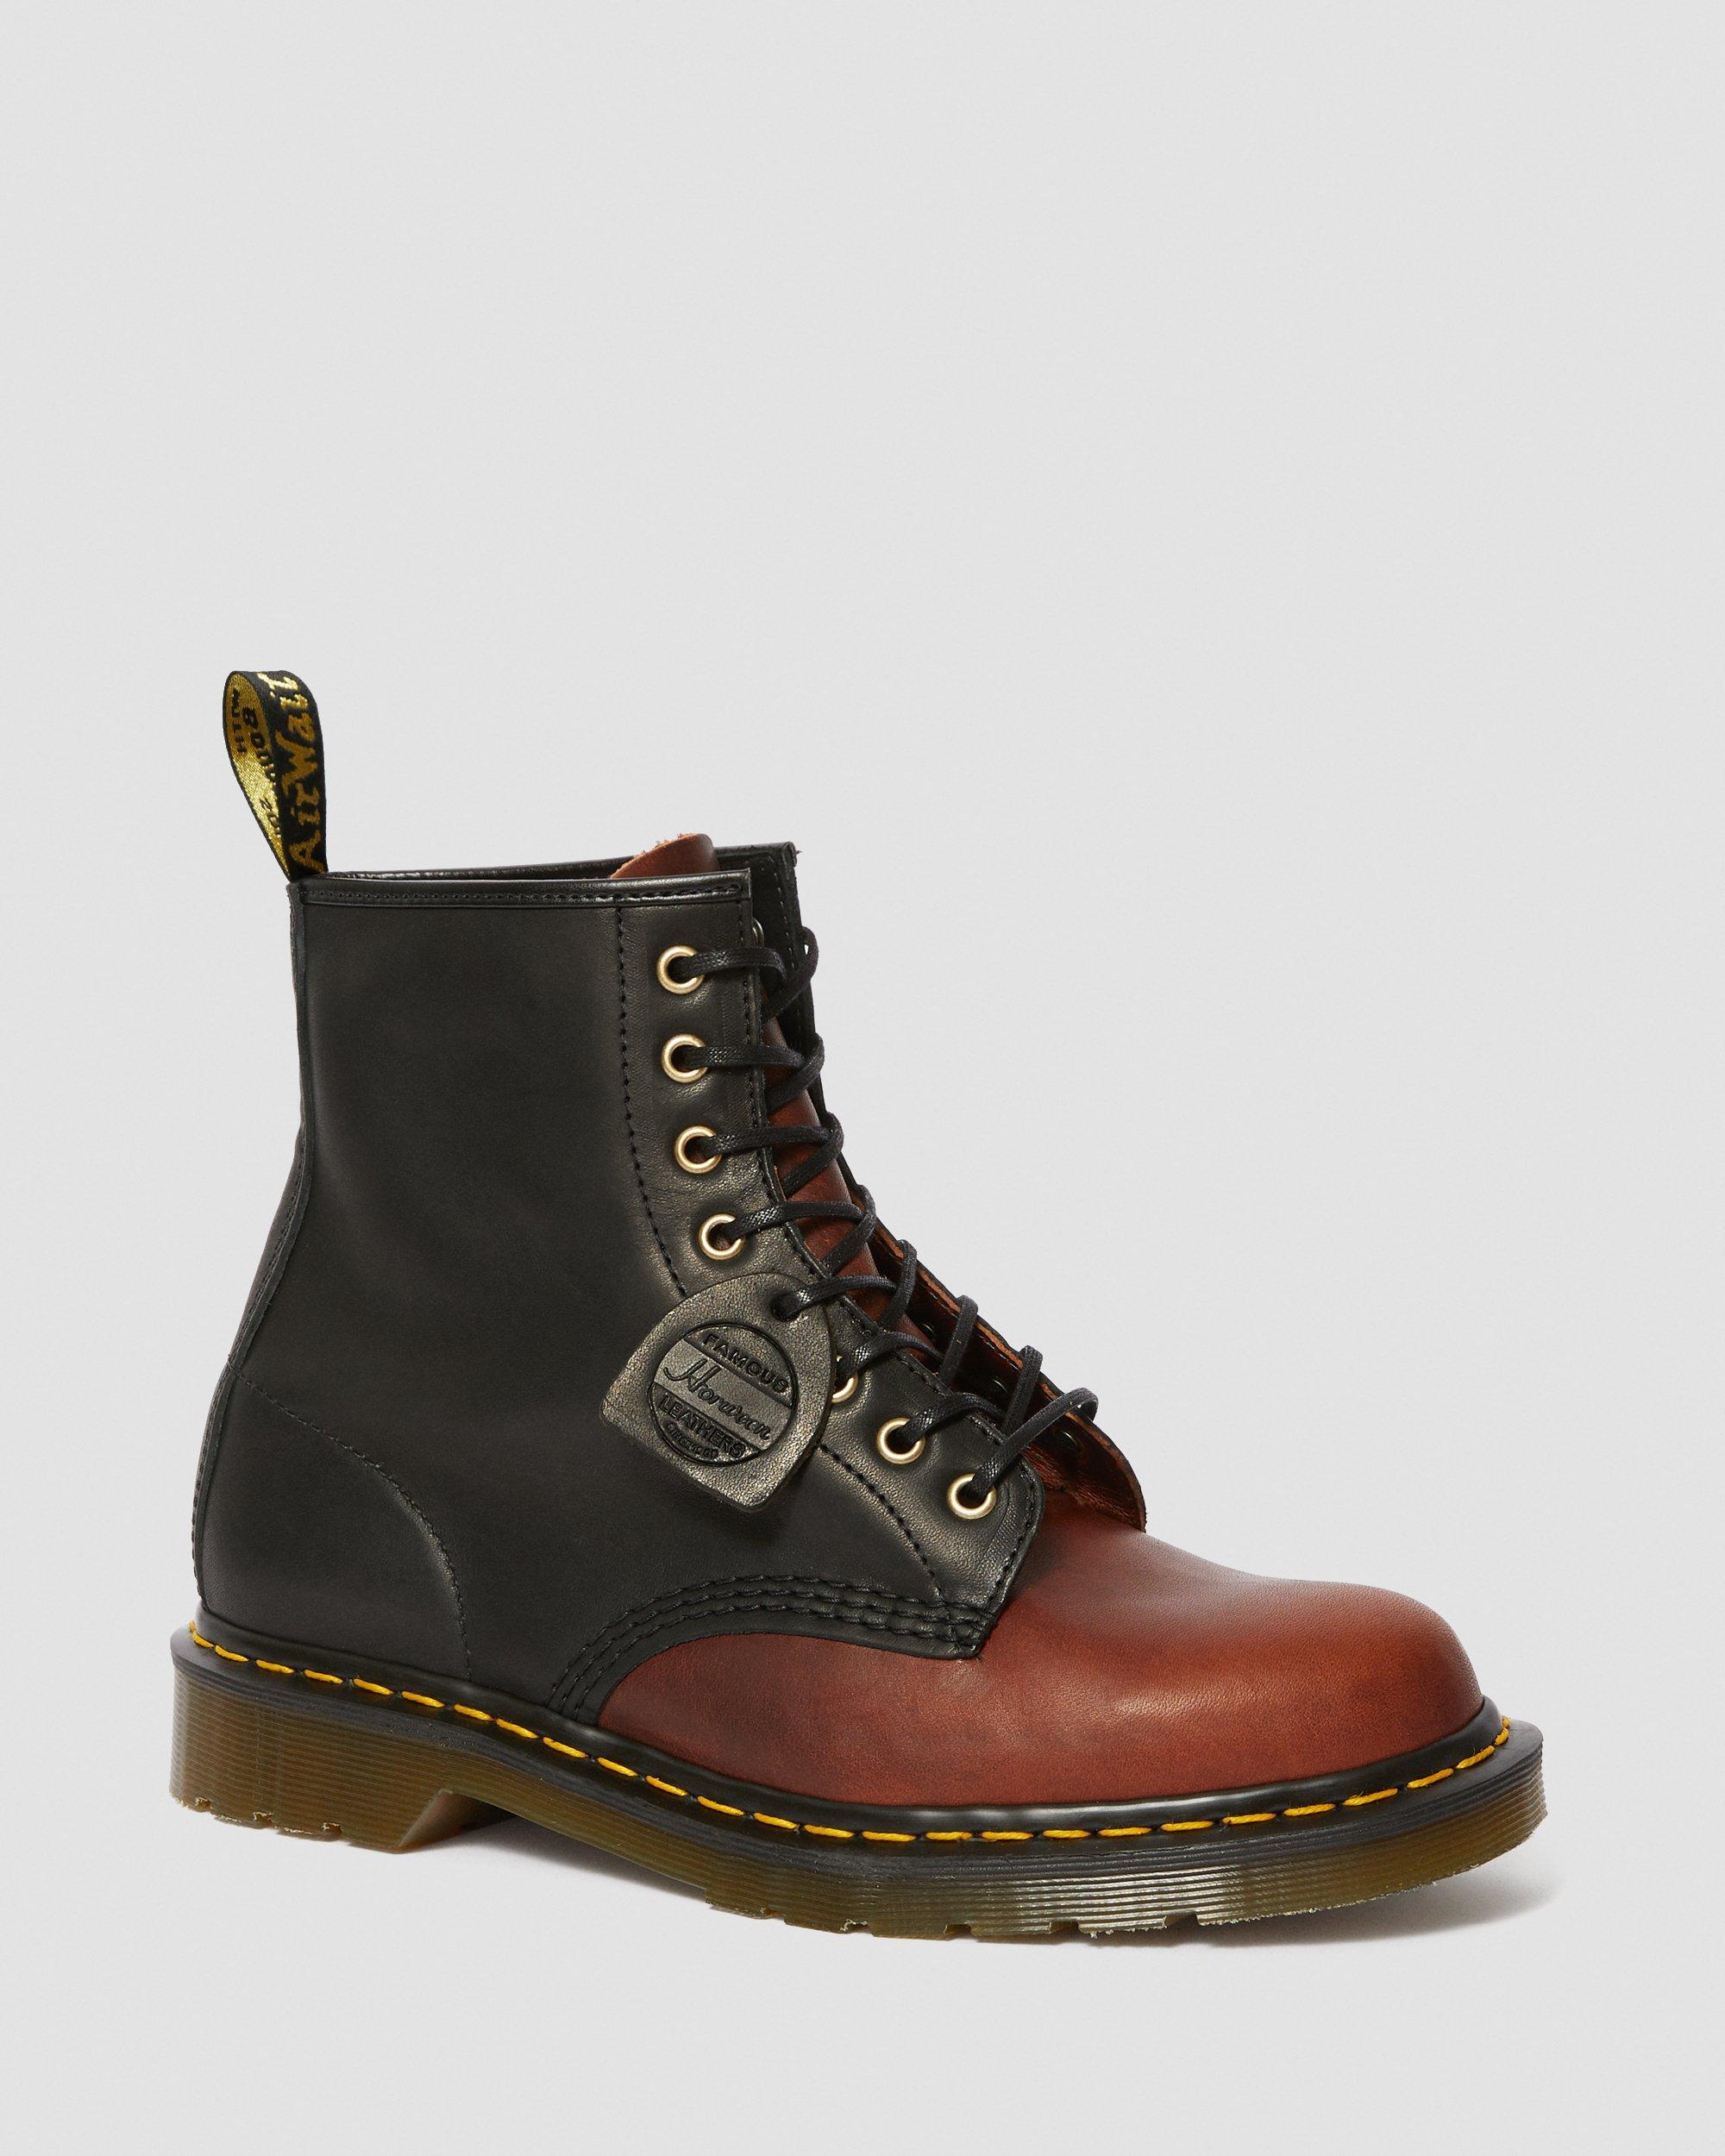 1460 Strap Bambino | stivali | Sito ufficiale Dr. Martens